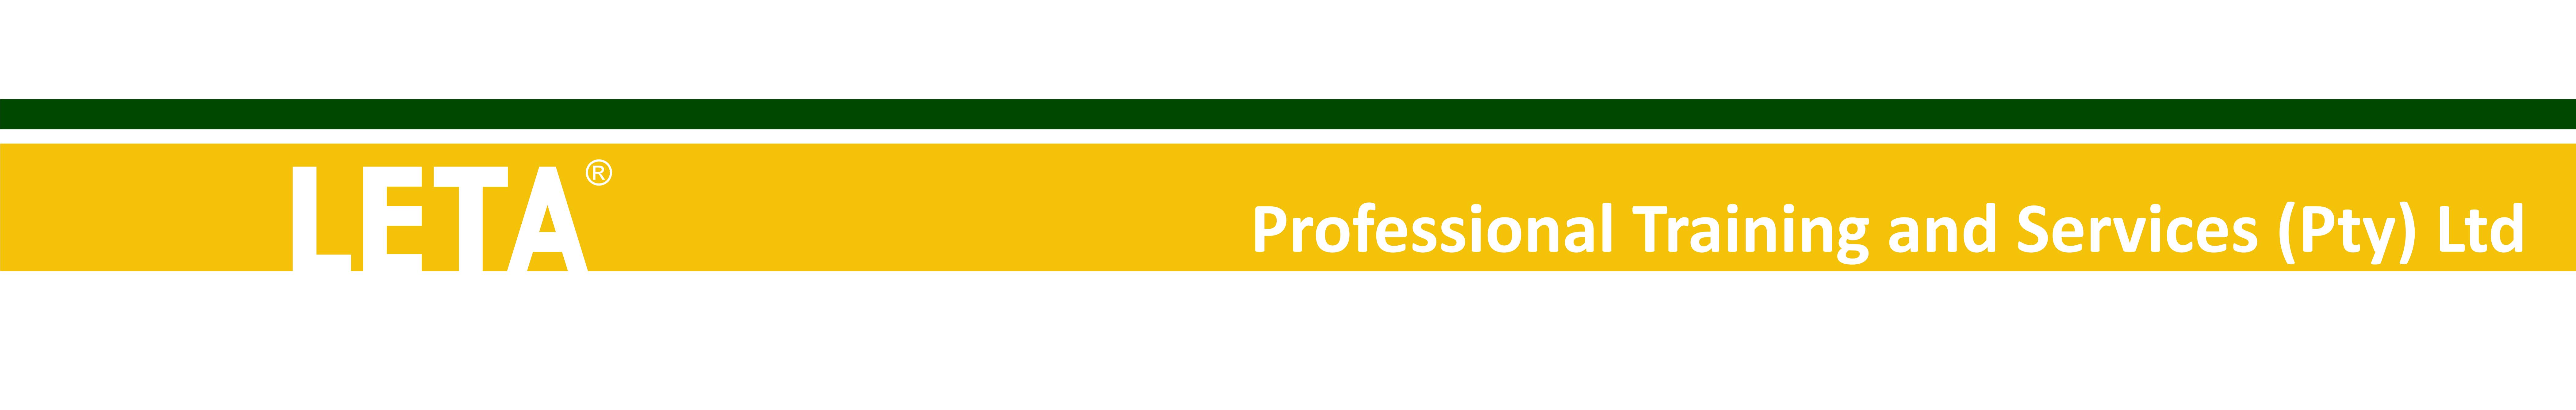 LETA Logo